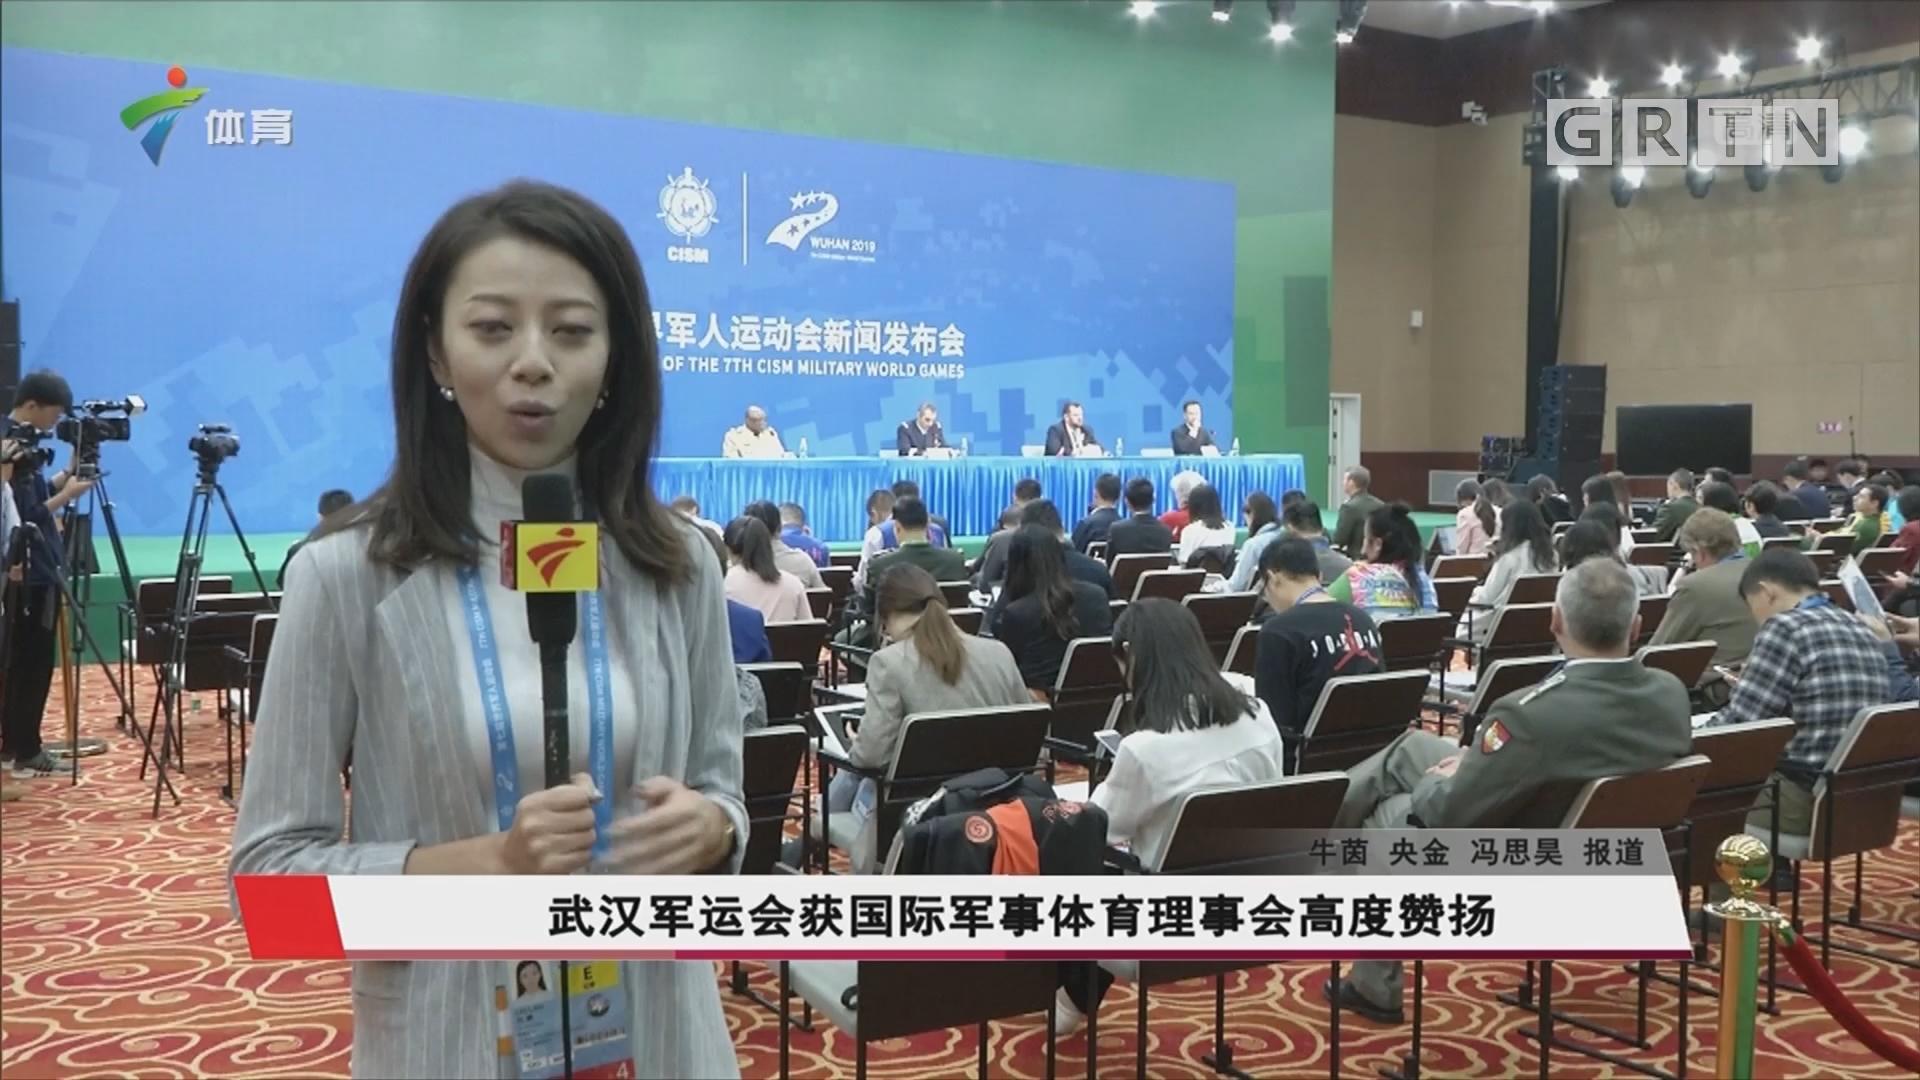 武汉军运会获国际军事体育理事会高度赞扬